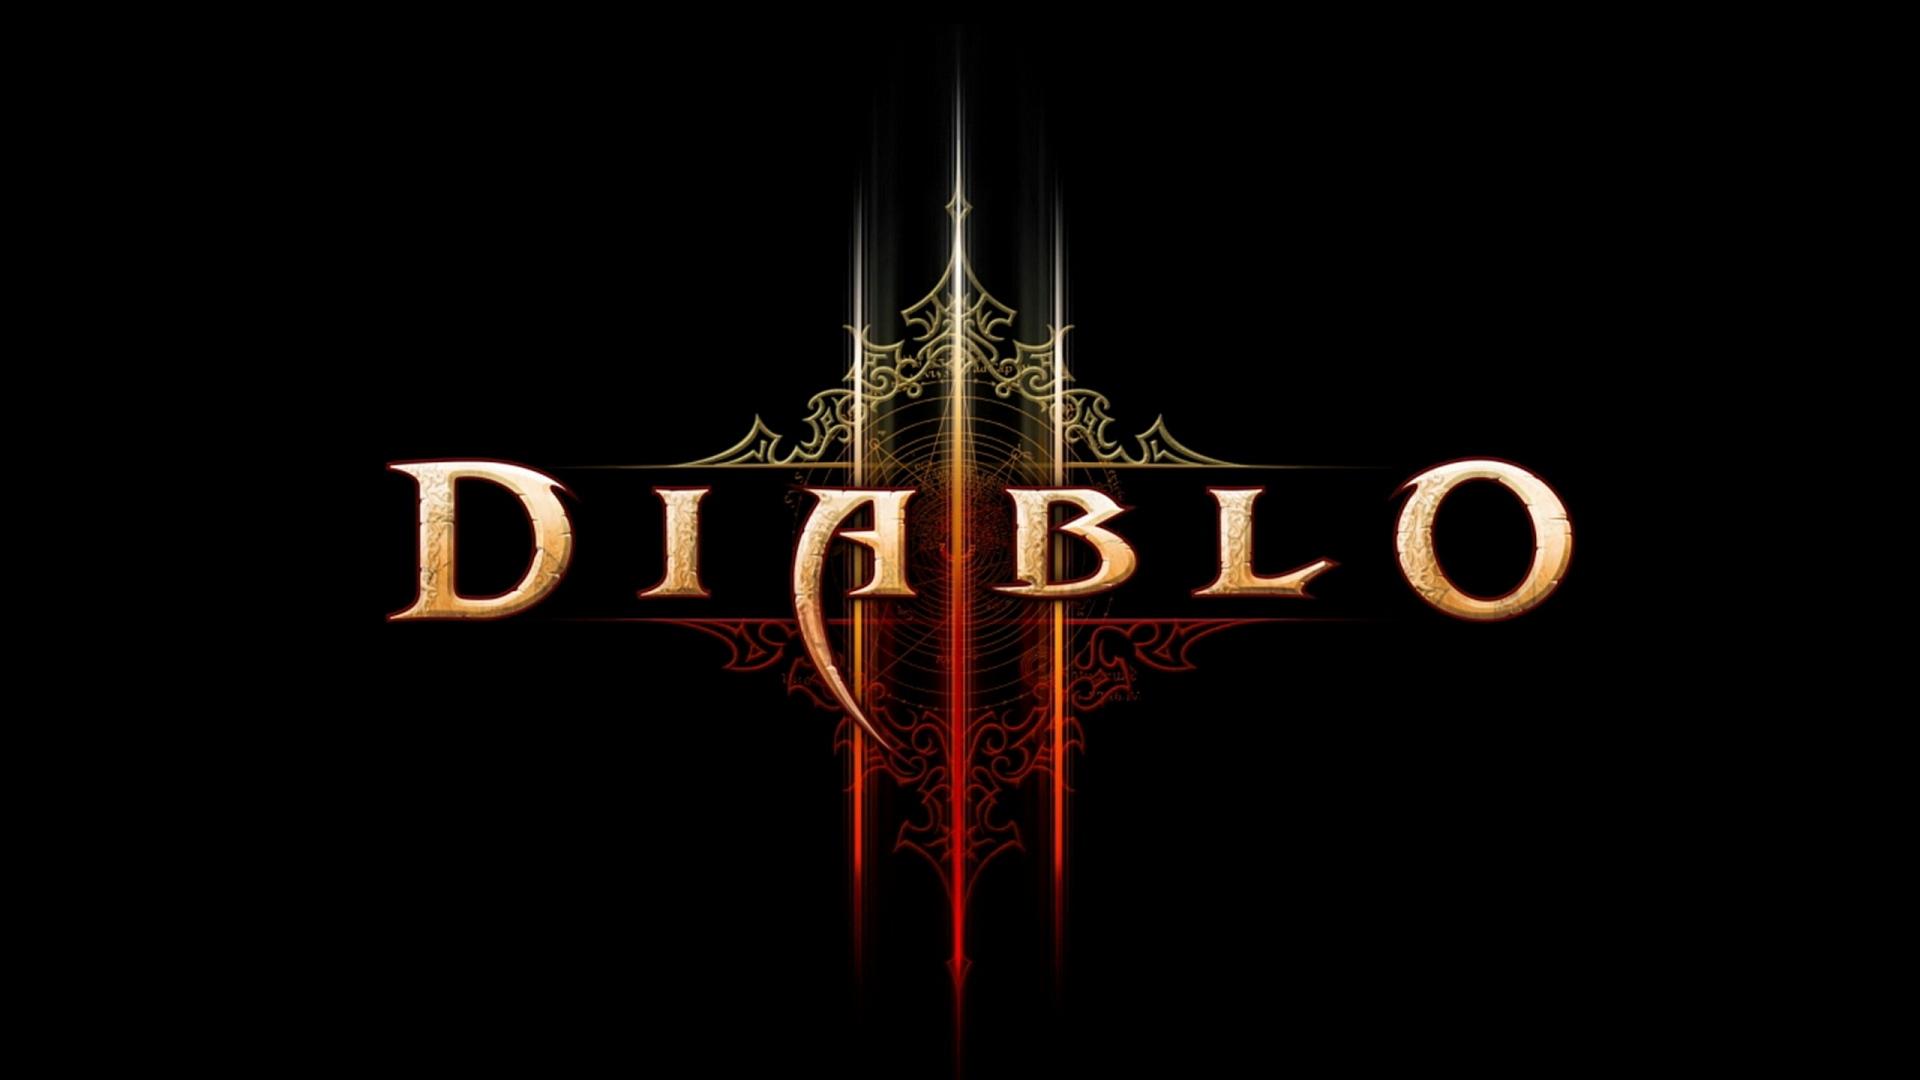 Diablo 3 Name Text